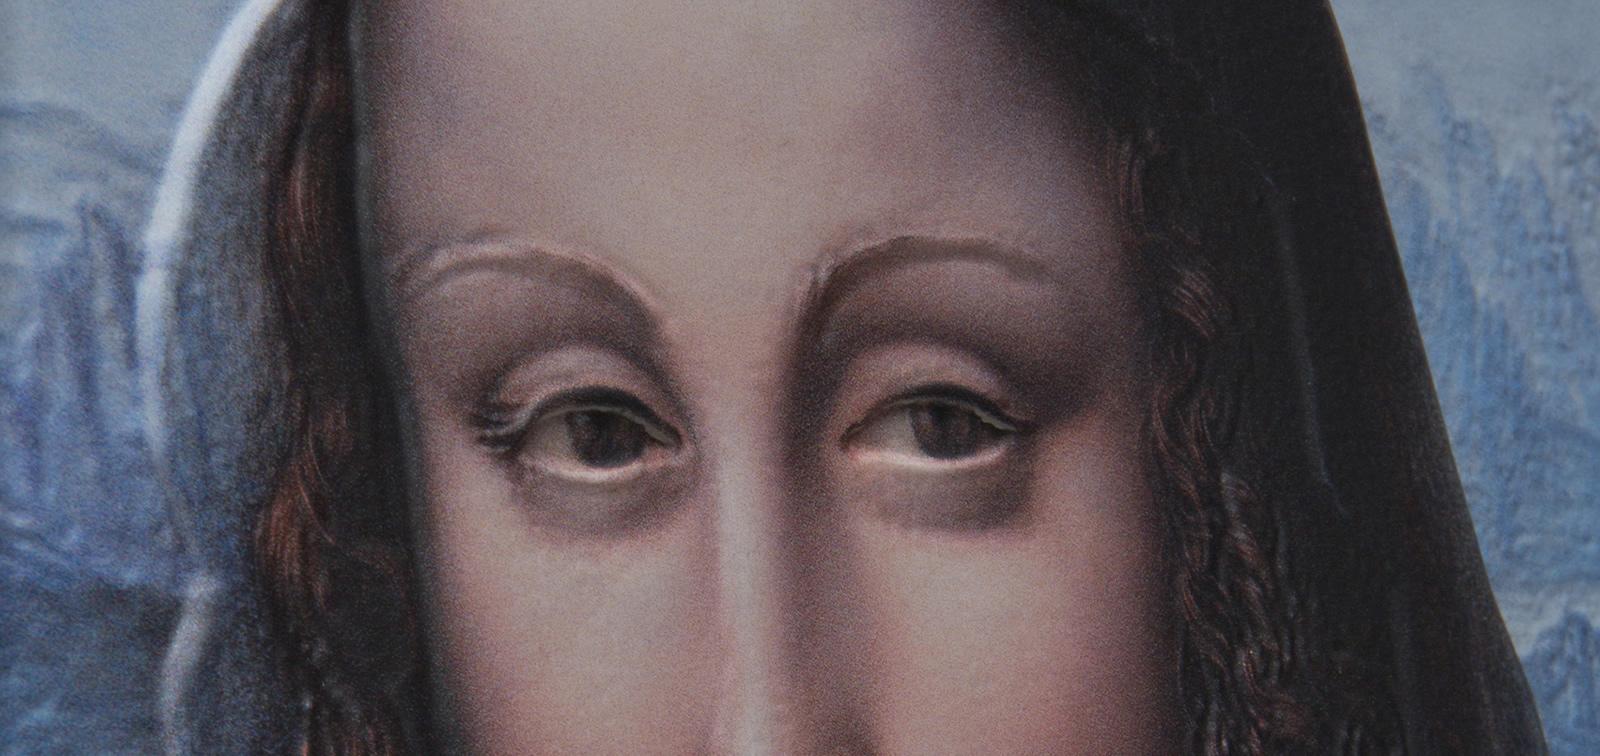 Touching the Prado